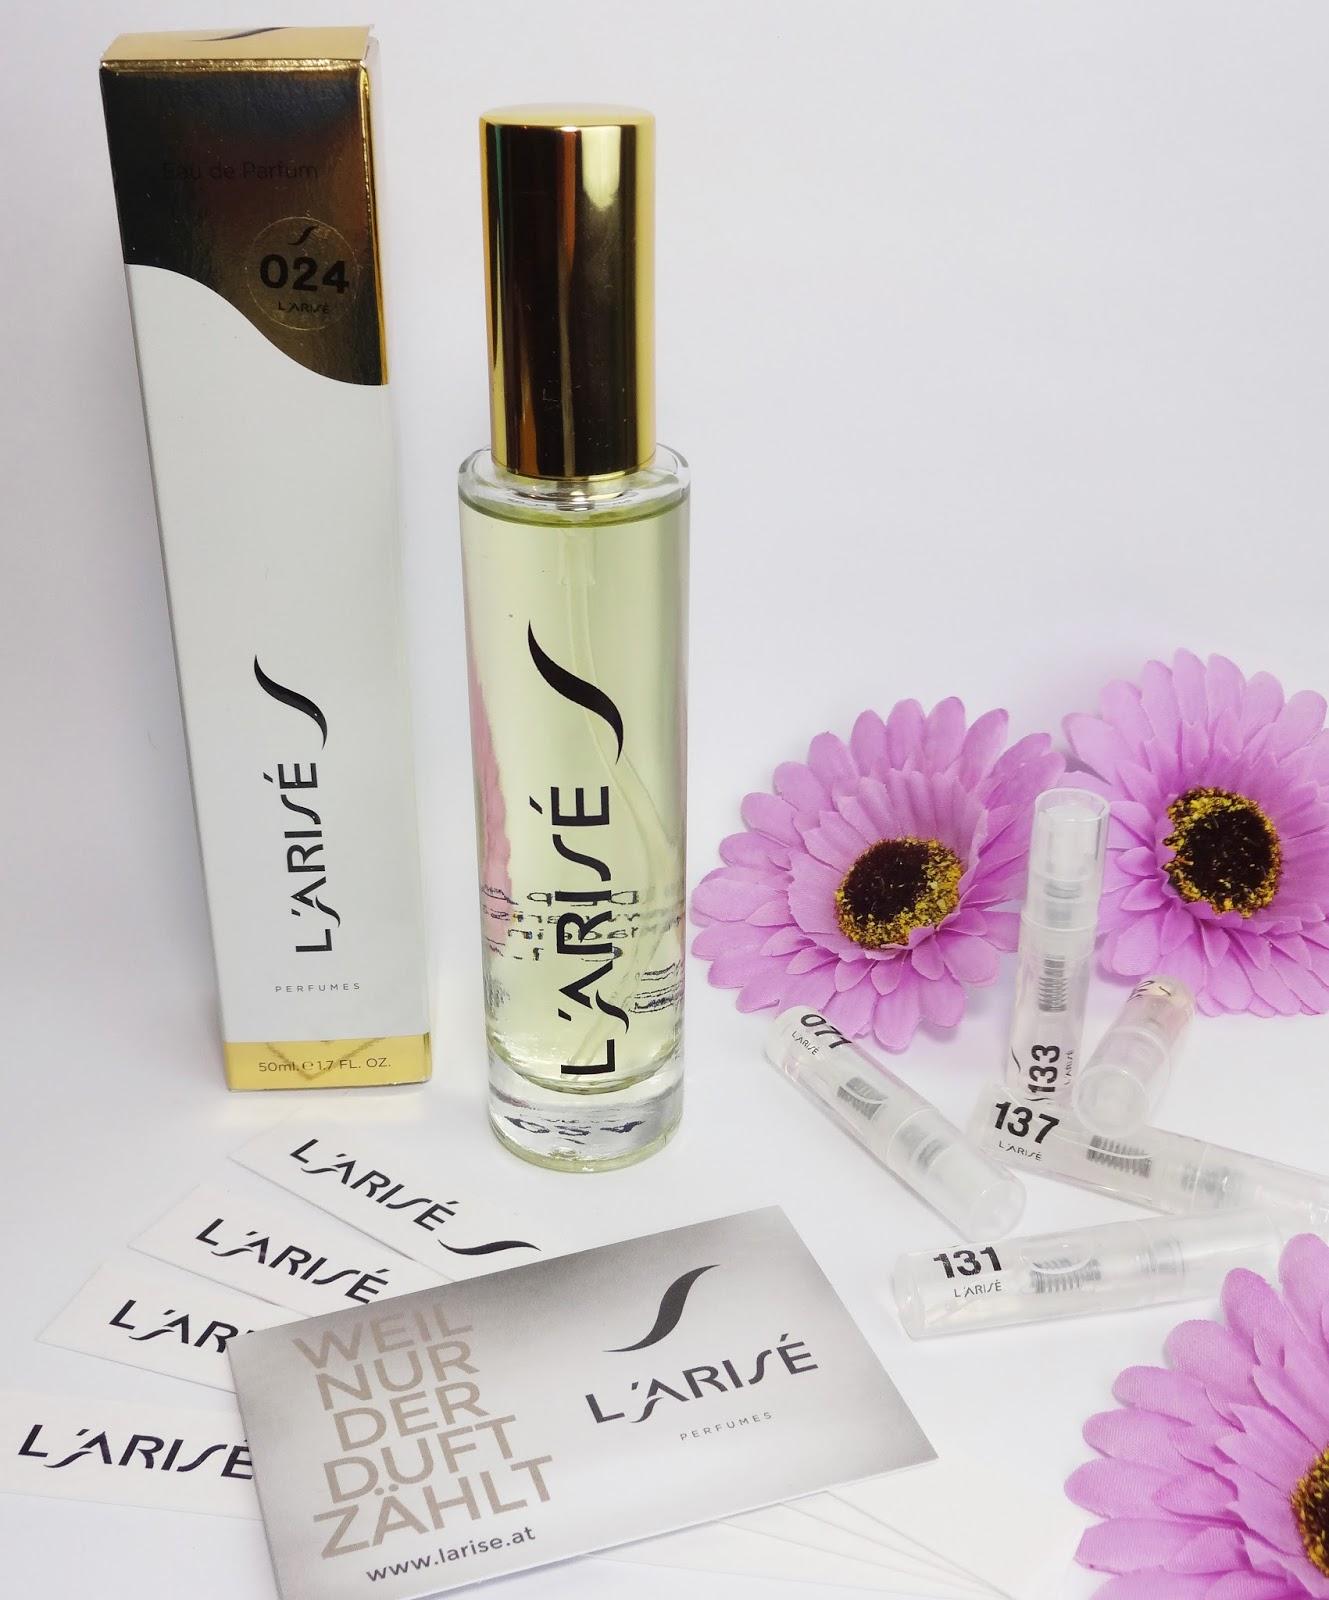 Parfum von L'ARISÉ Nr. 024  Pretty Clover Beautyblog Roberto Cavalli - Just Cavalli Her